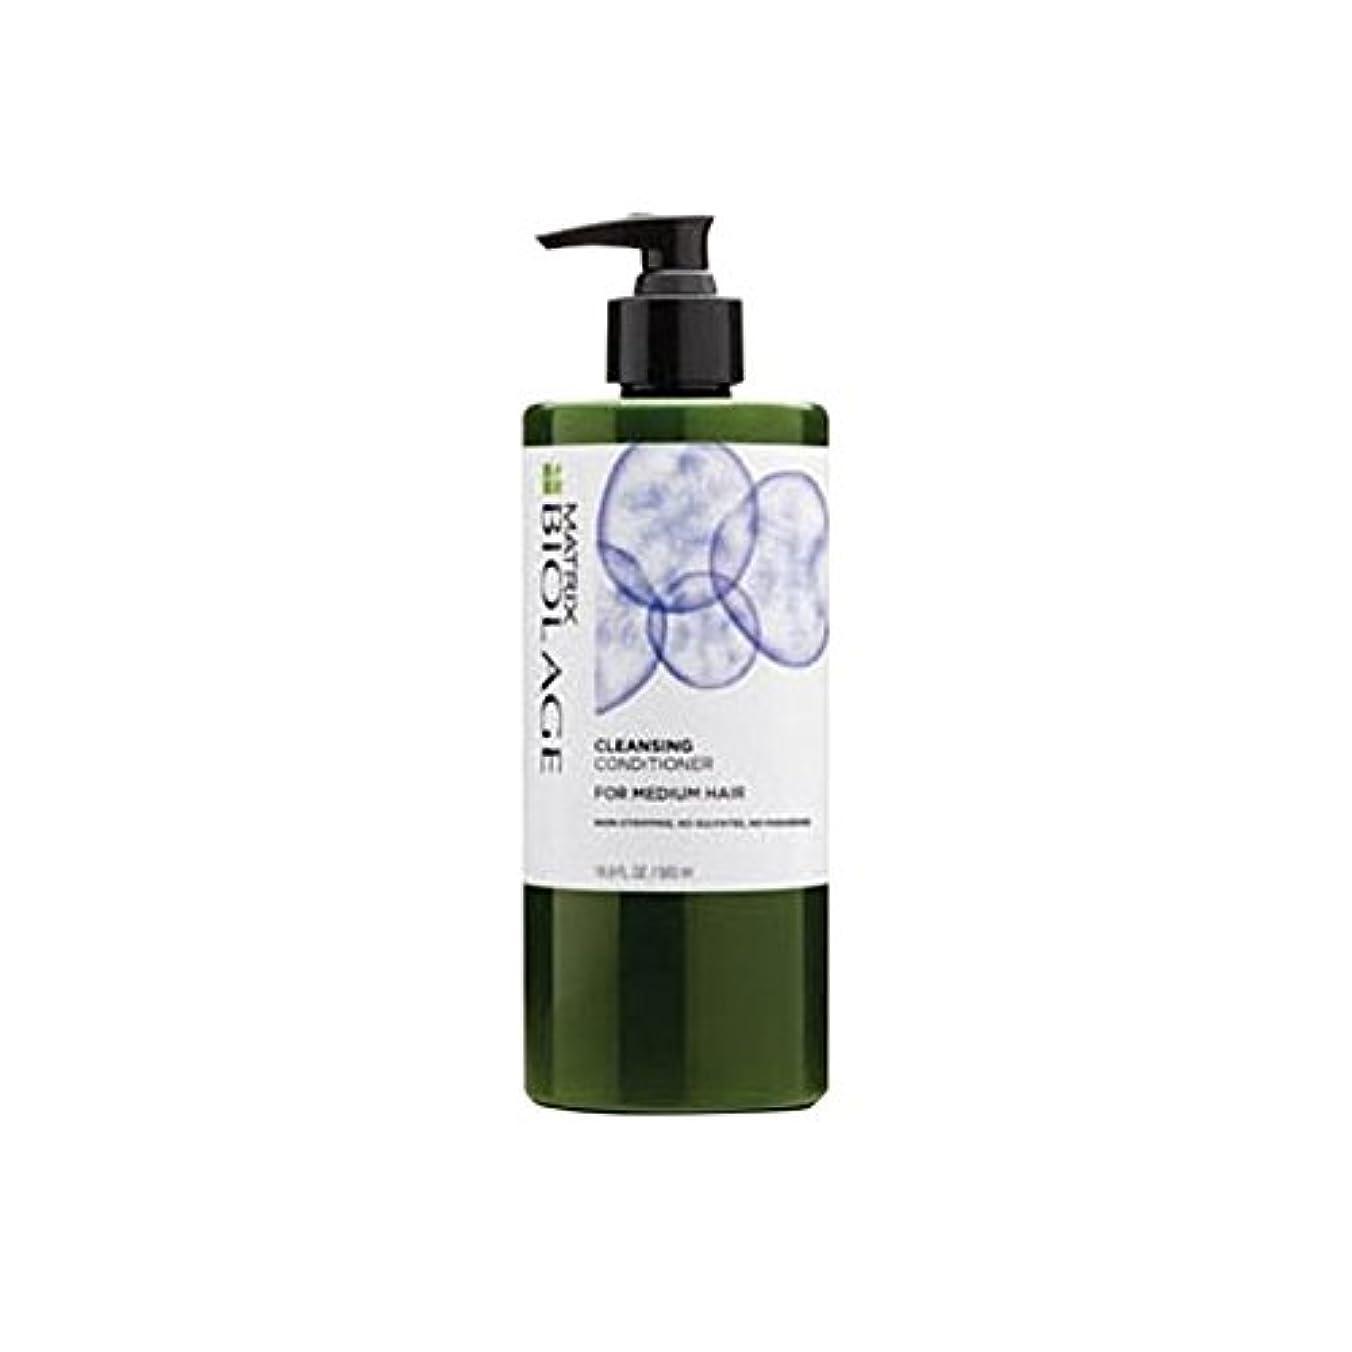 パーティーチャップドライブマトリックスバイオレイジクレンジングコンディショナー - メディア髪(500ミリリットル) x2 - Matrix Biolage Cleansing Conditioner - Medium Hair (500ml) (Pack of 2) [並行輸入品]